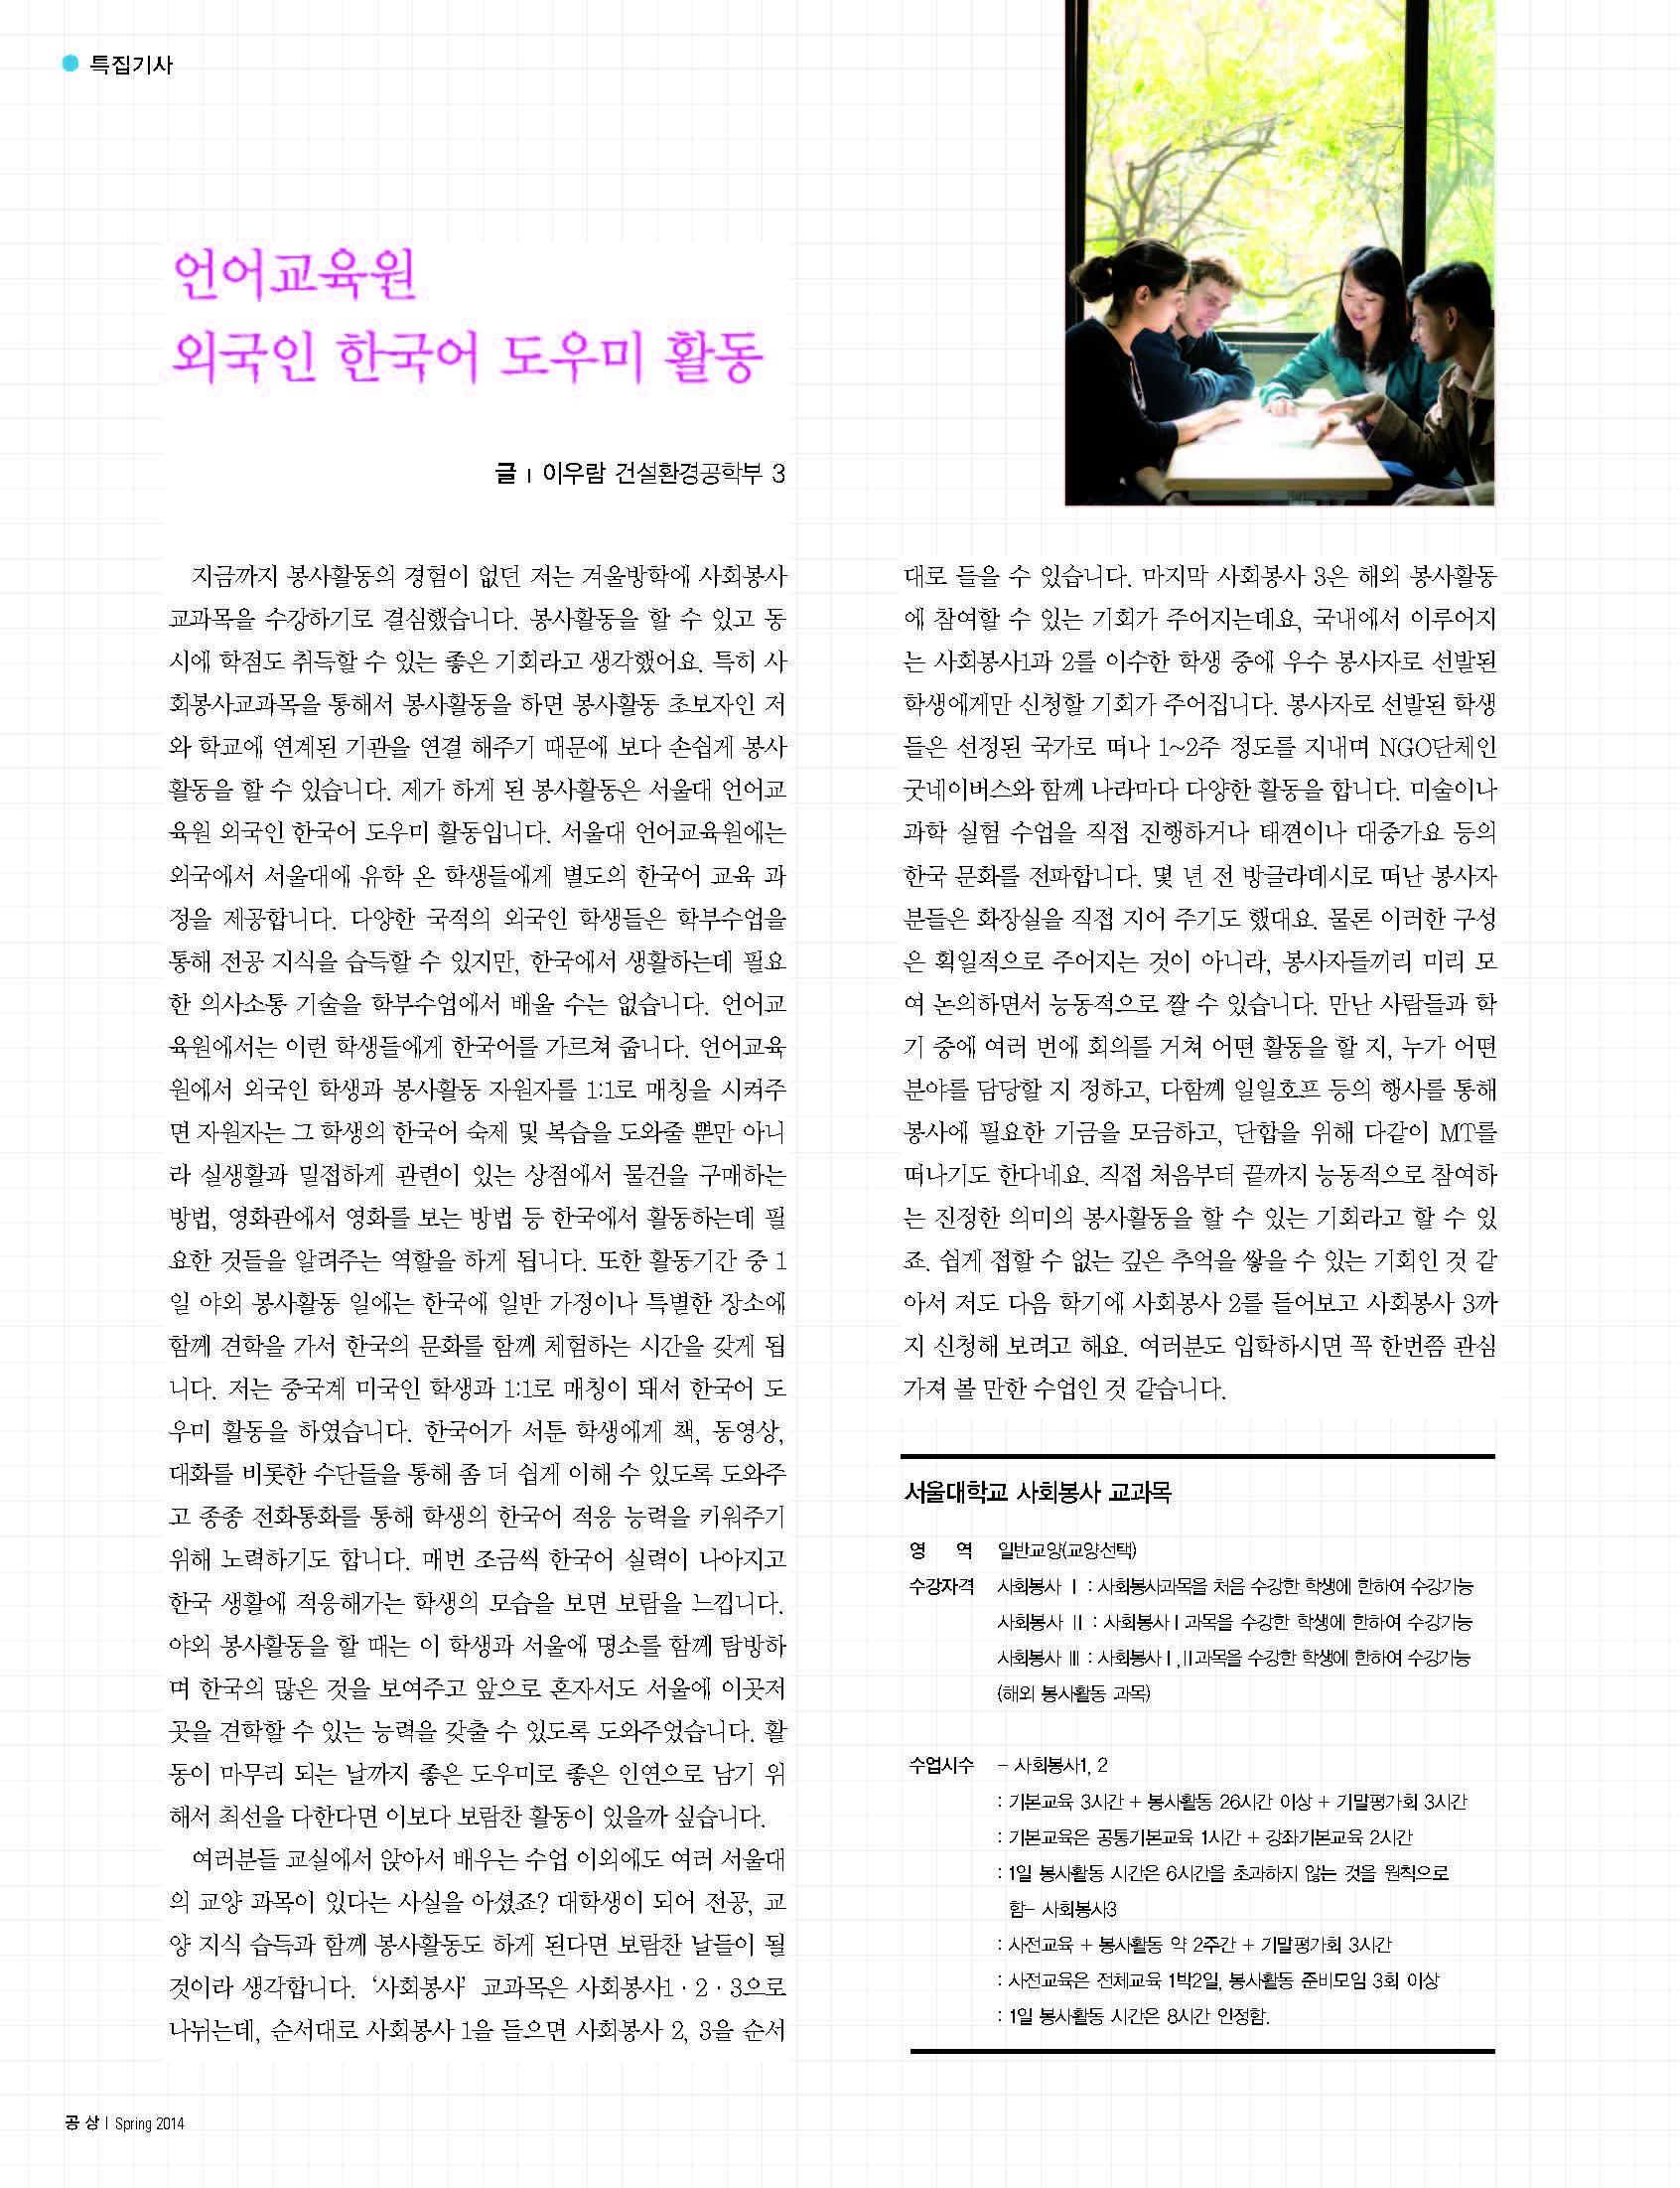 공상7호-최종본(0318)_페이지_22.jpg